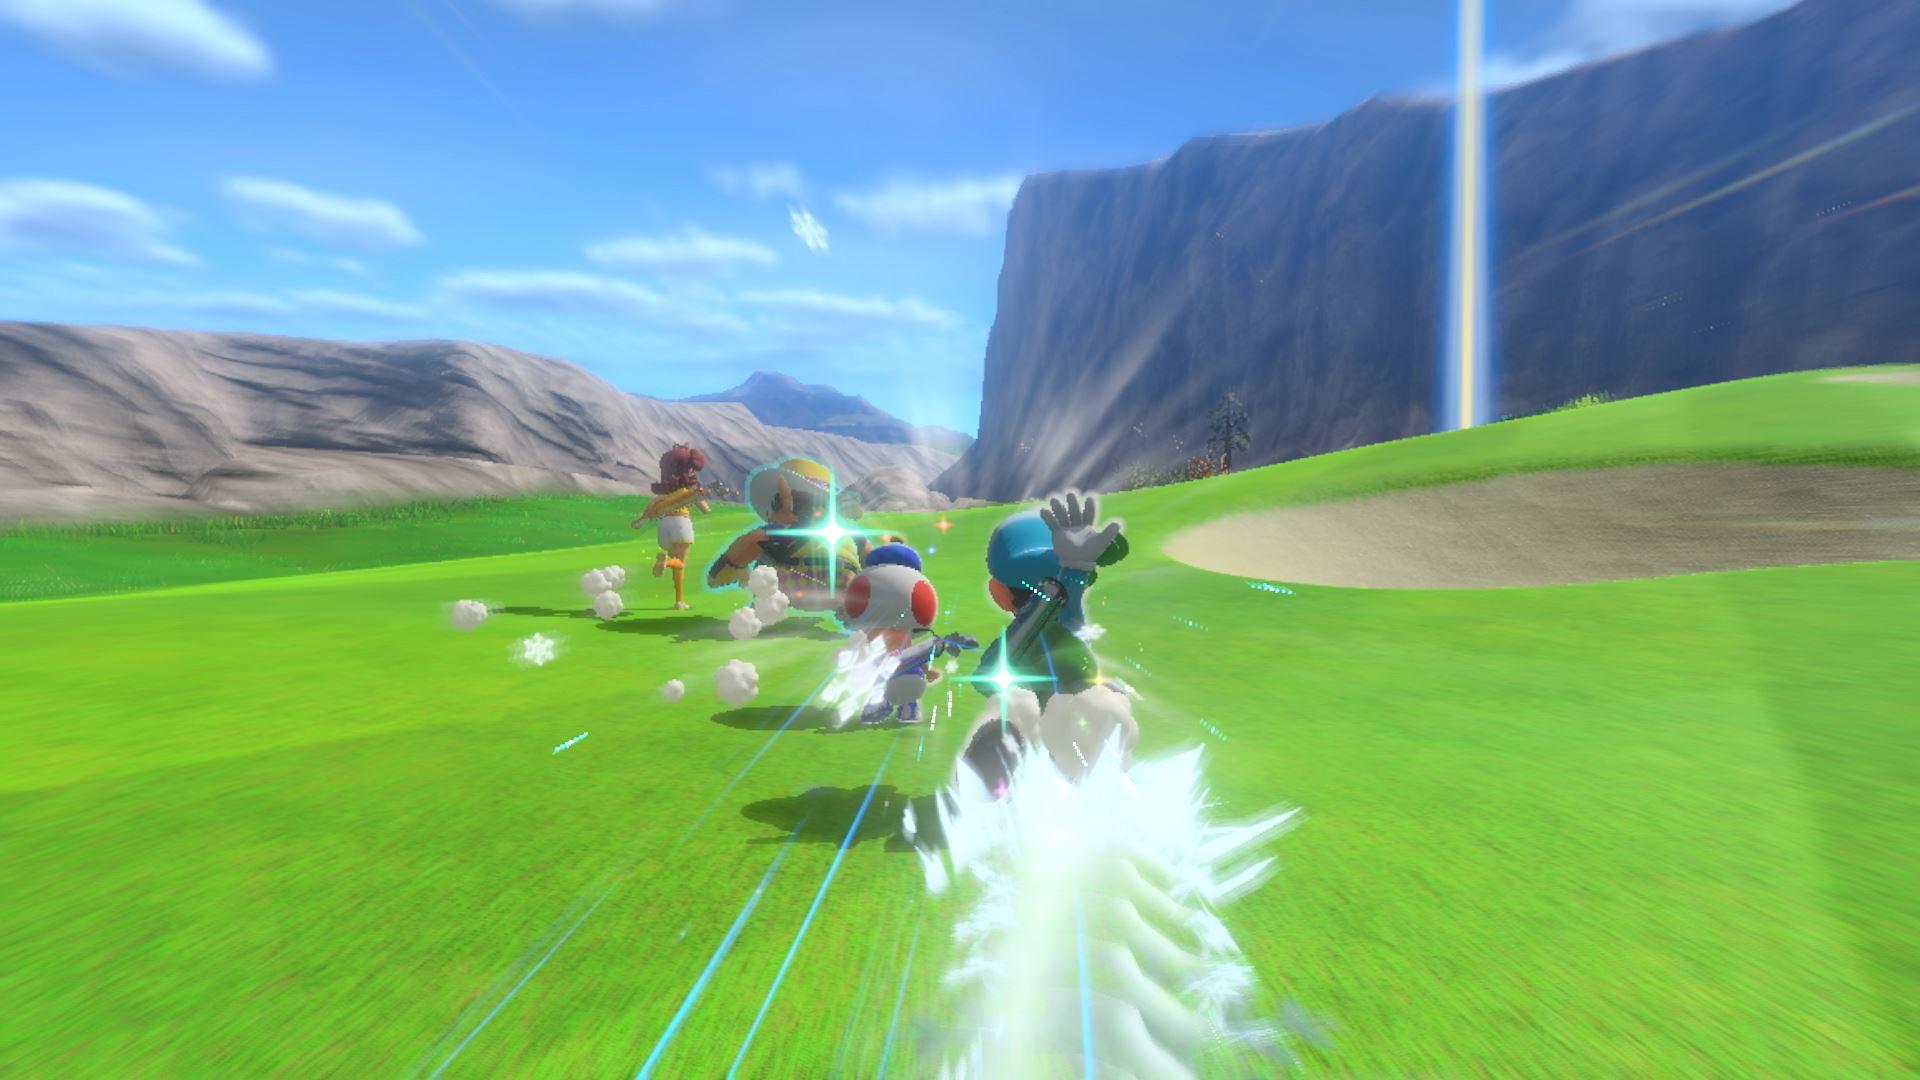 Mario Golf: Super Rush Special Dash